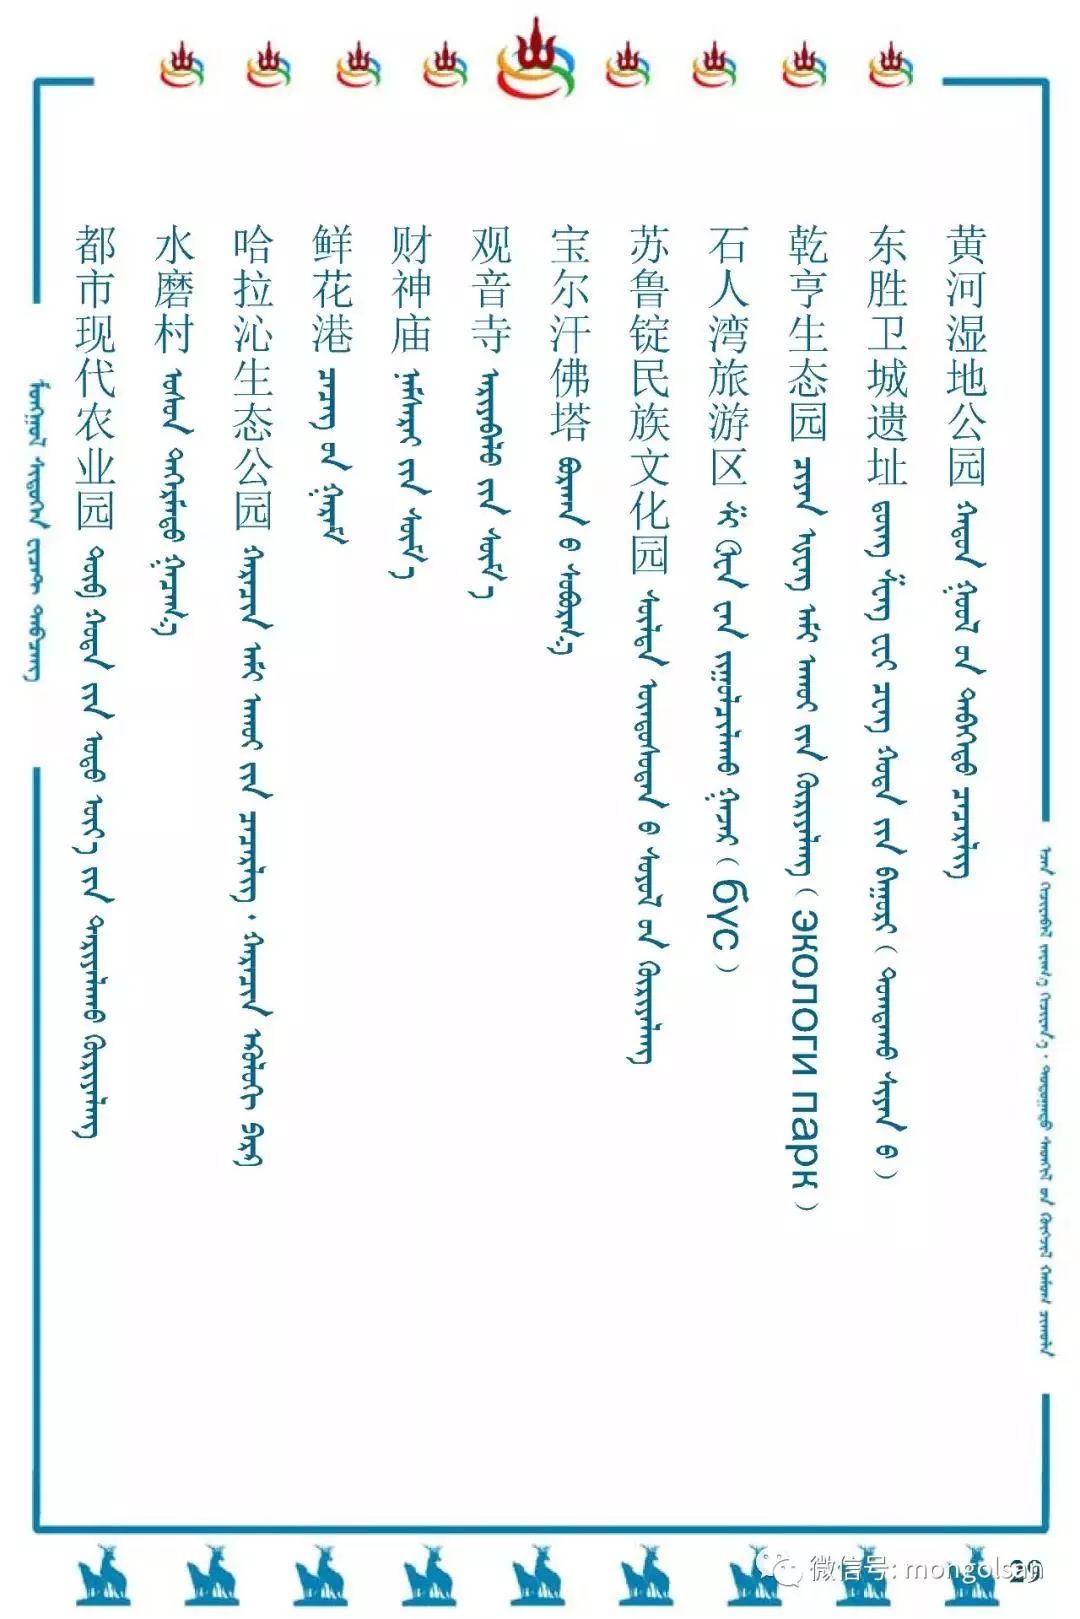 最新名词蒙古语翻译参考 第29张